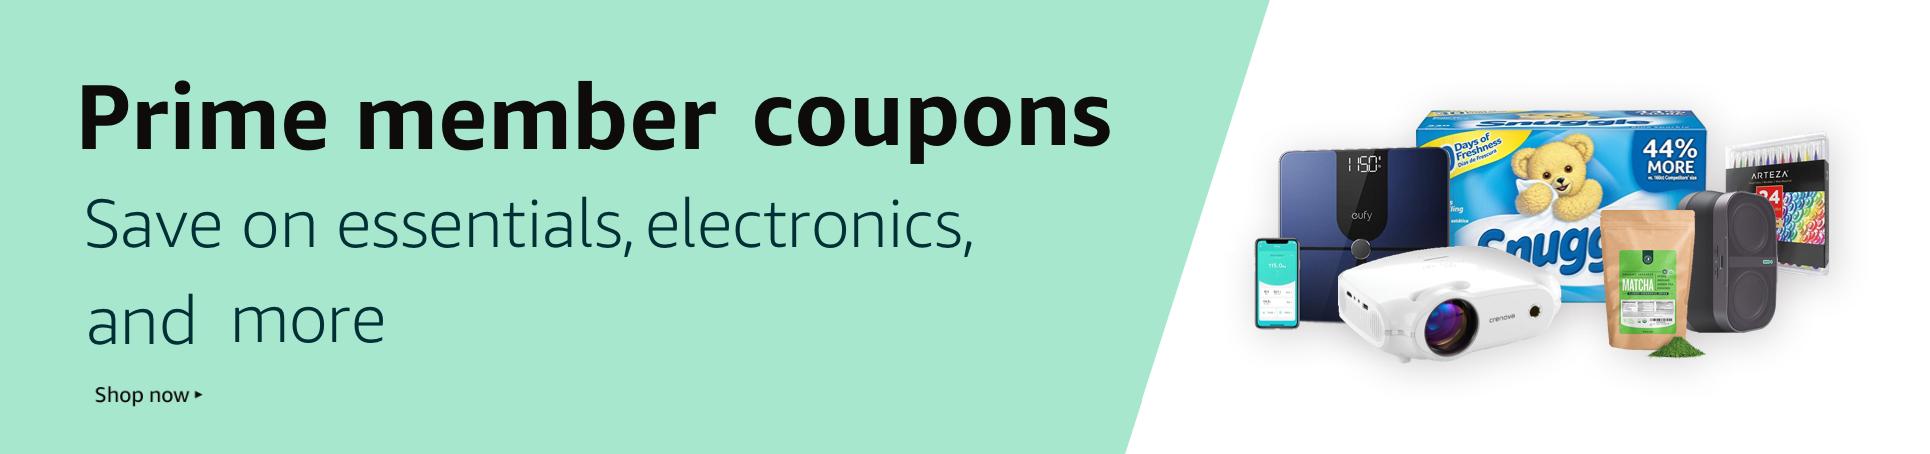 Prime member coupons